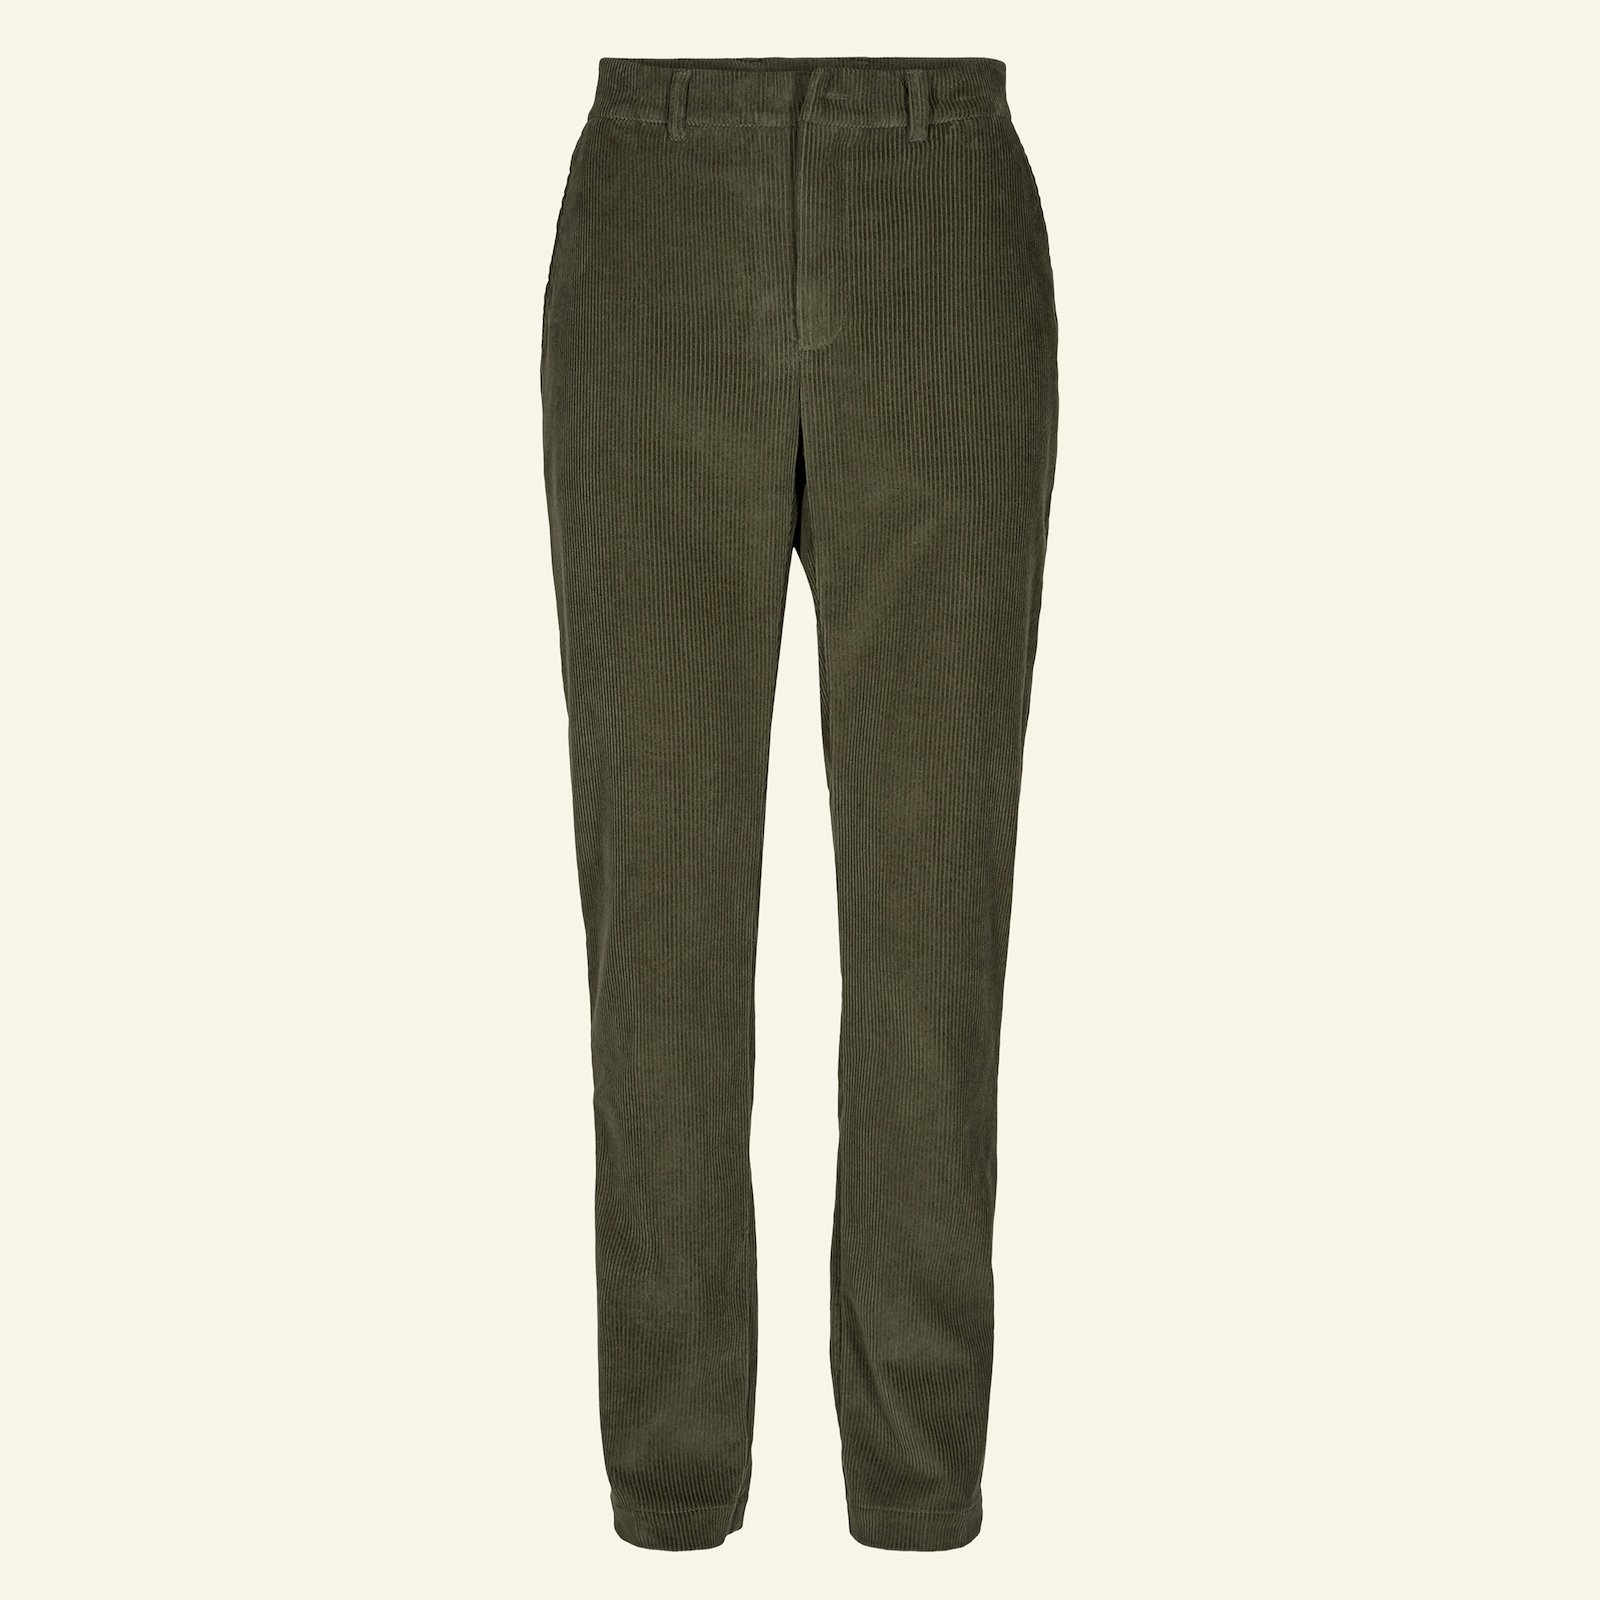 Chino trousers, 48 p85001_430000_sskit